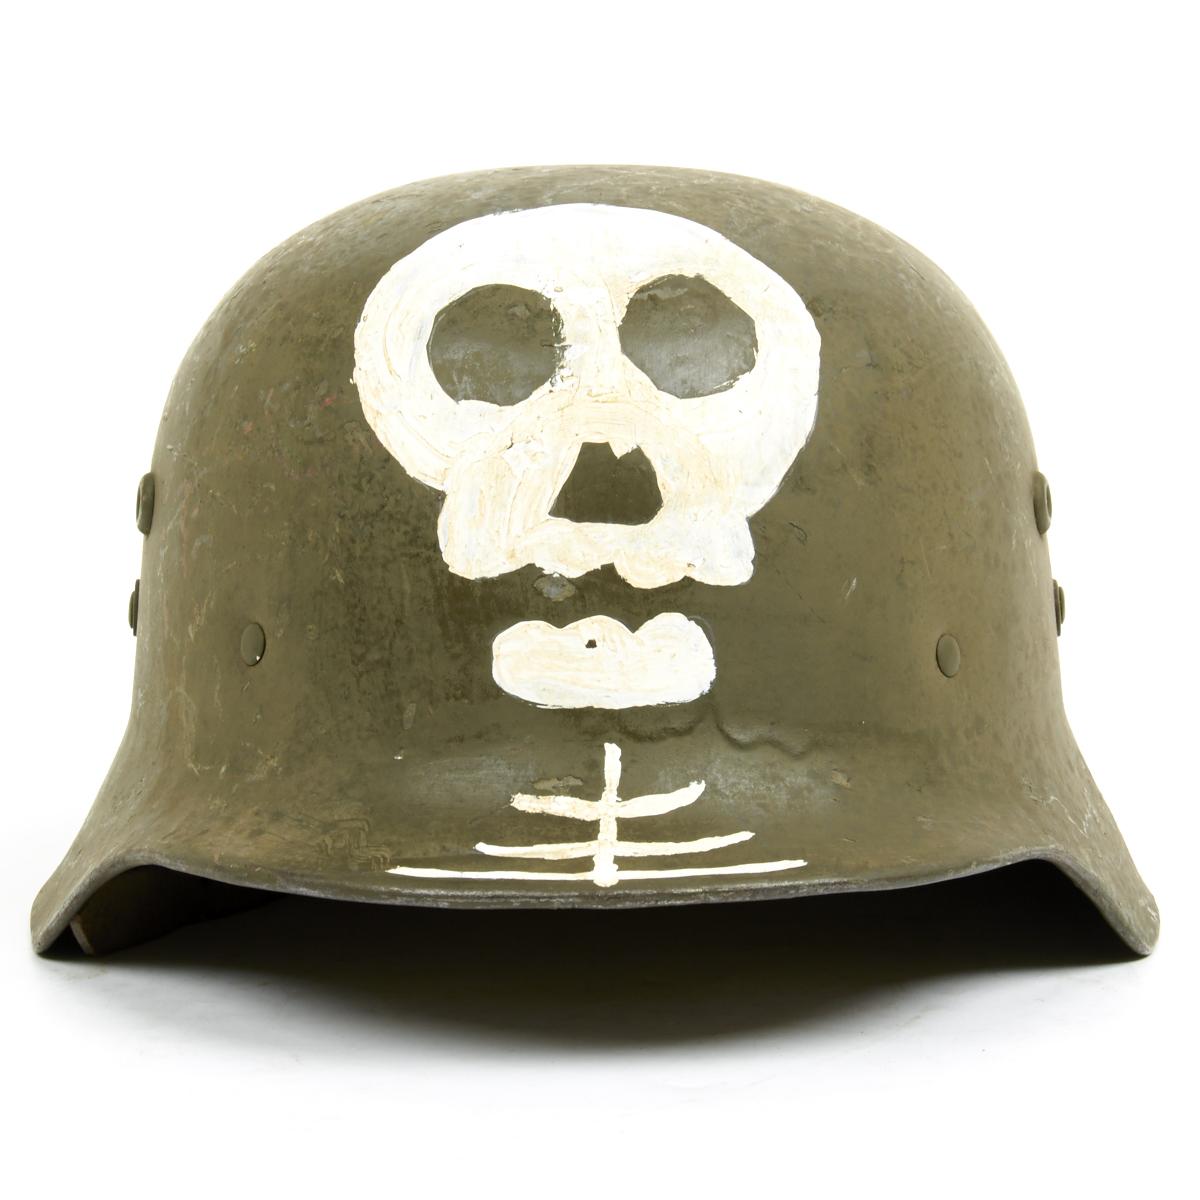 Helm Totenkopf Nazi Custom Stickers